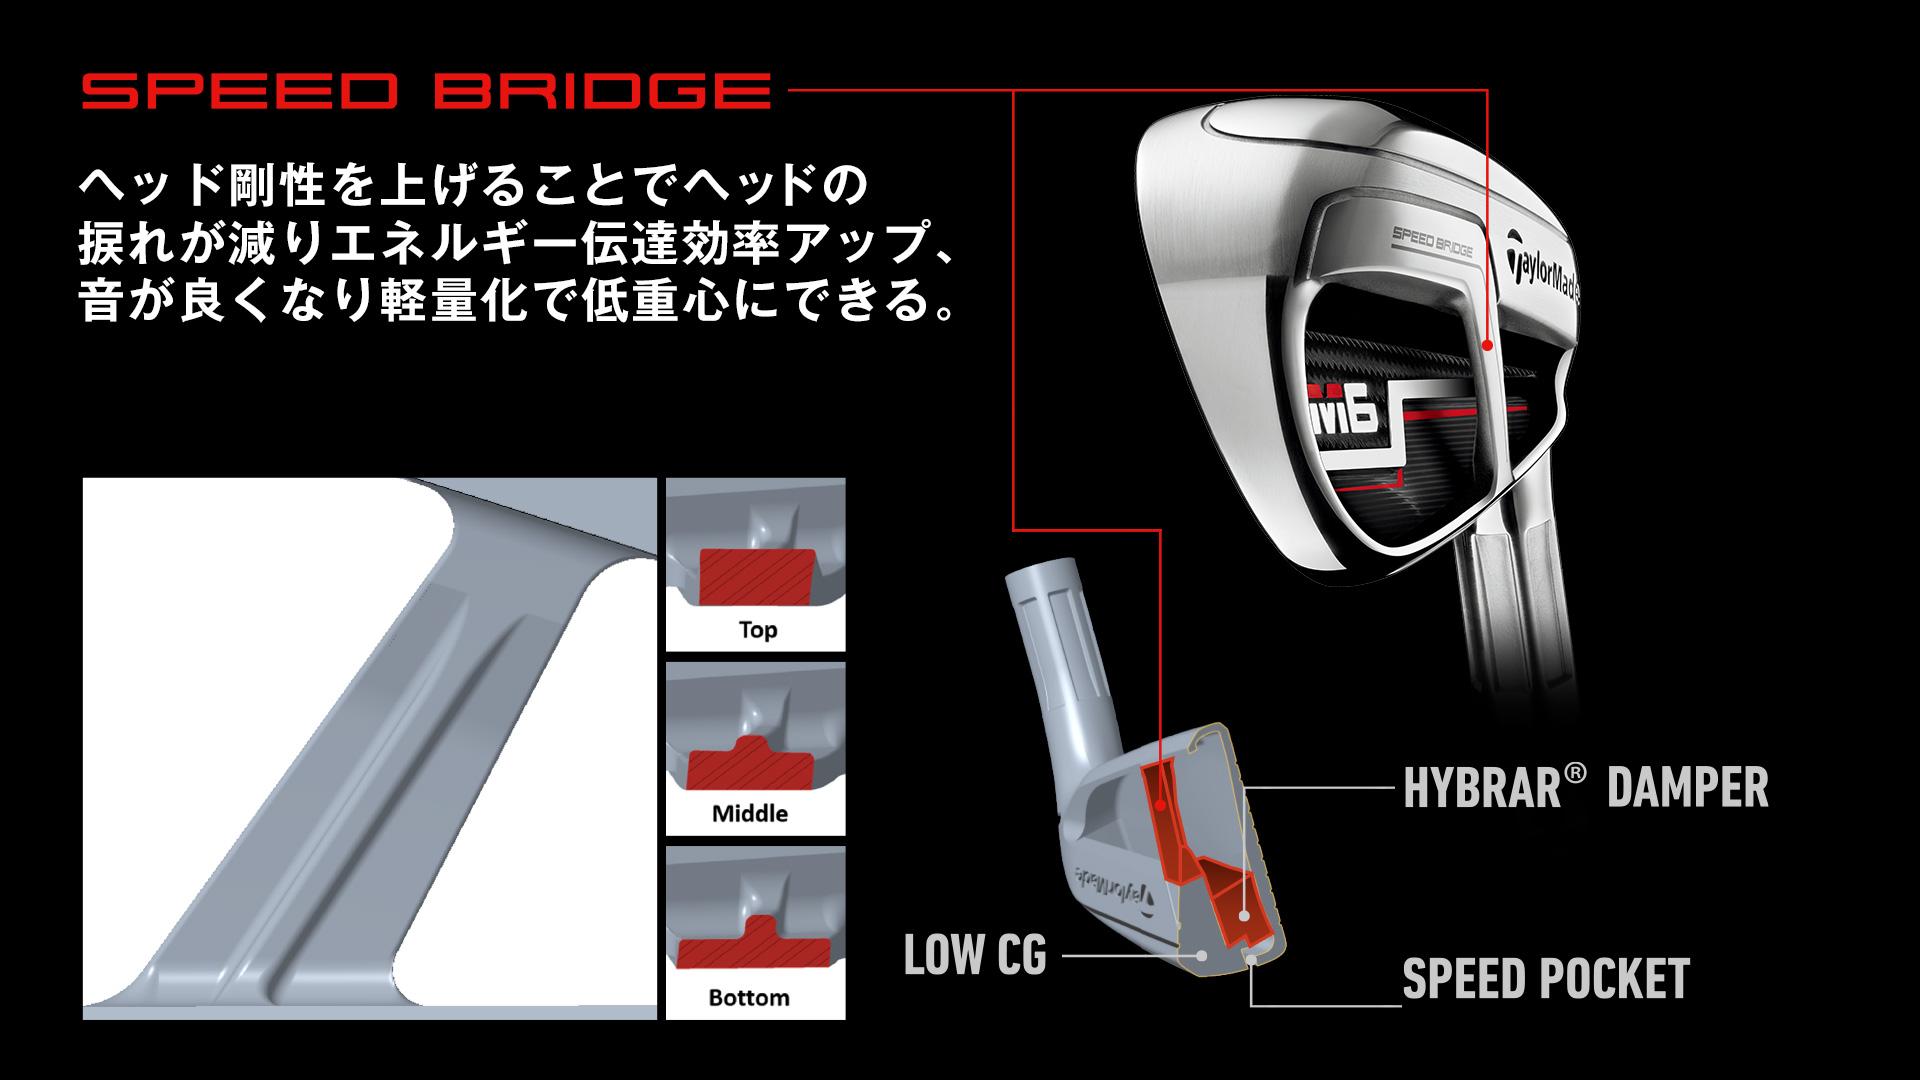 「スピードブリッジ」